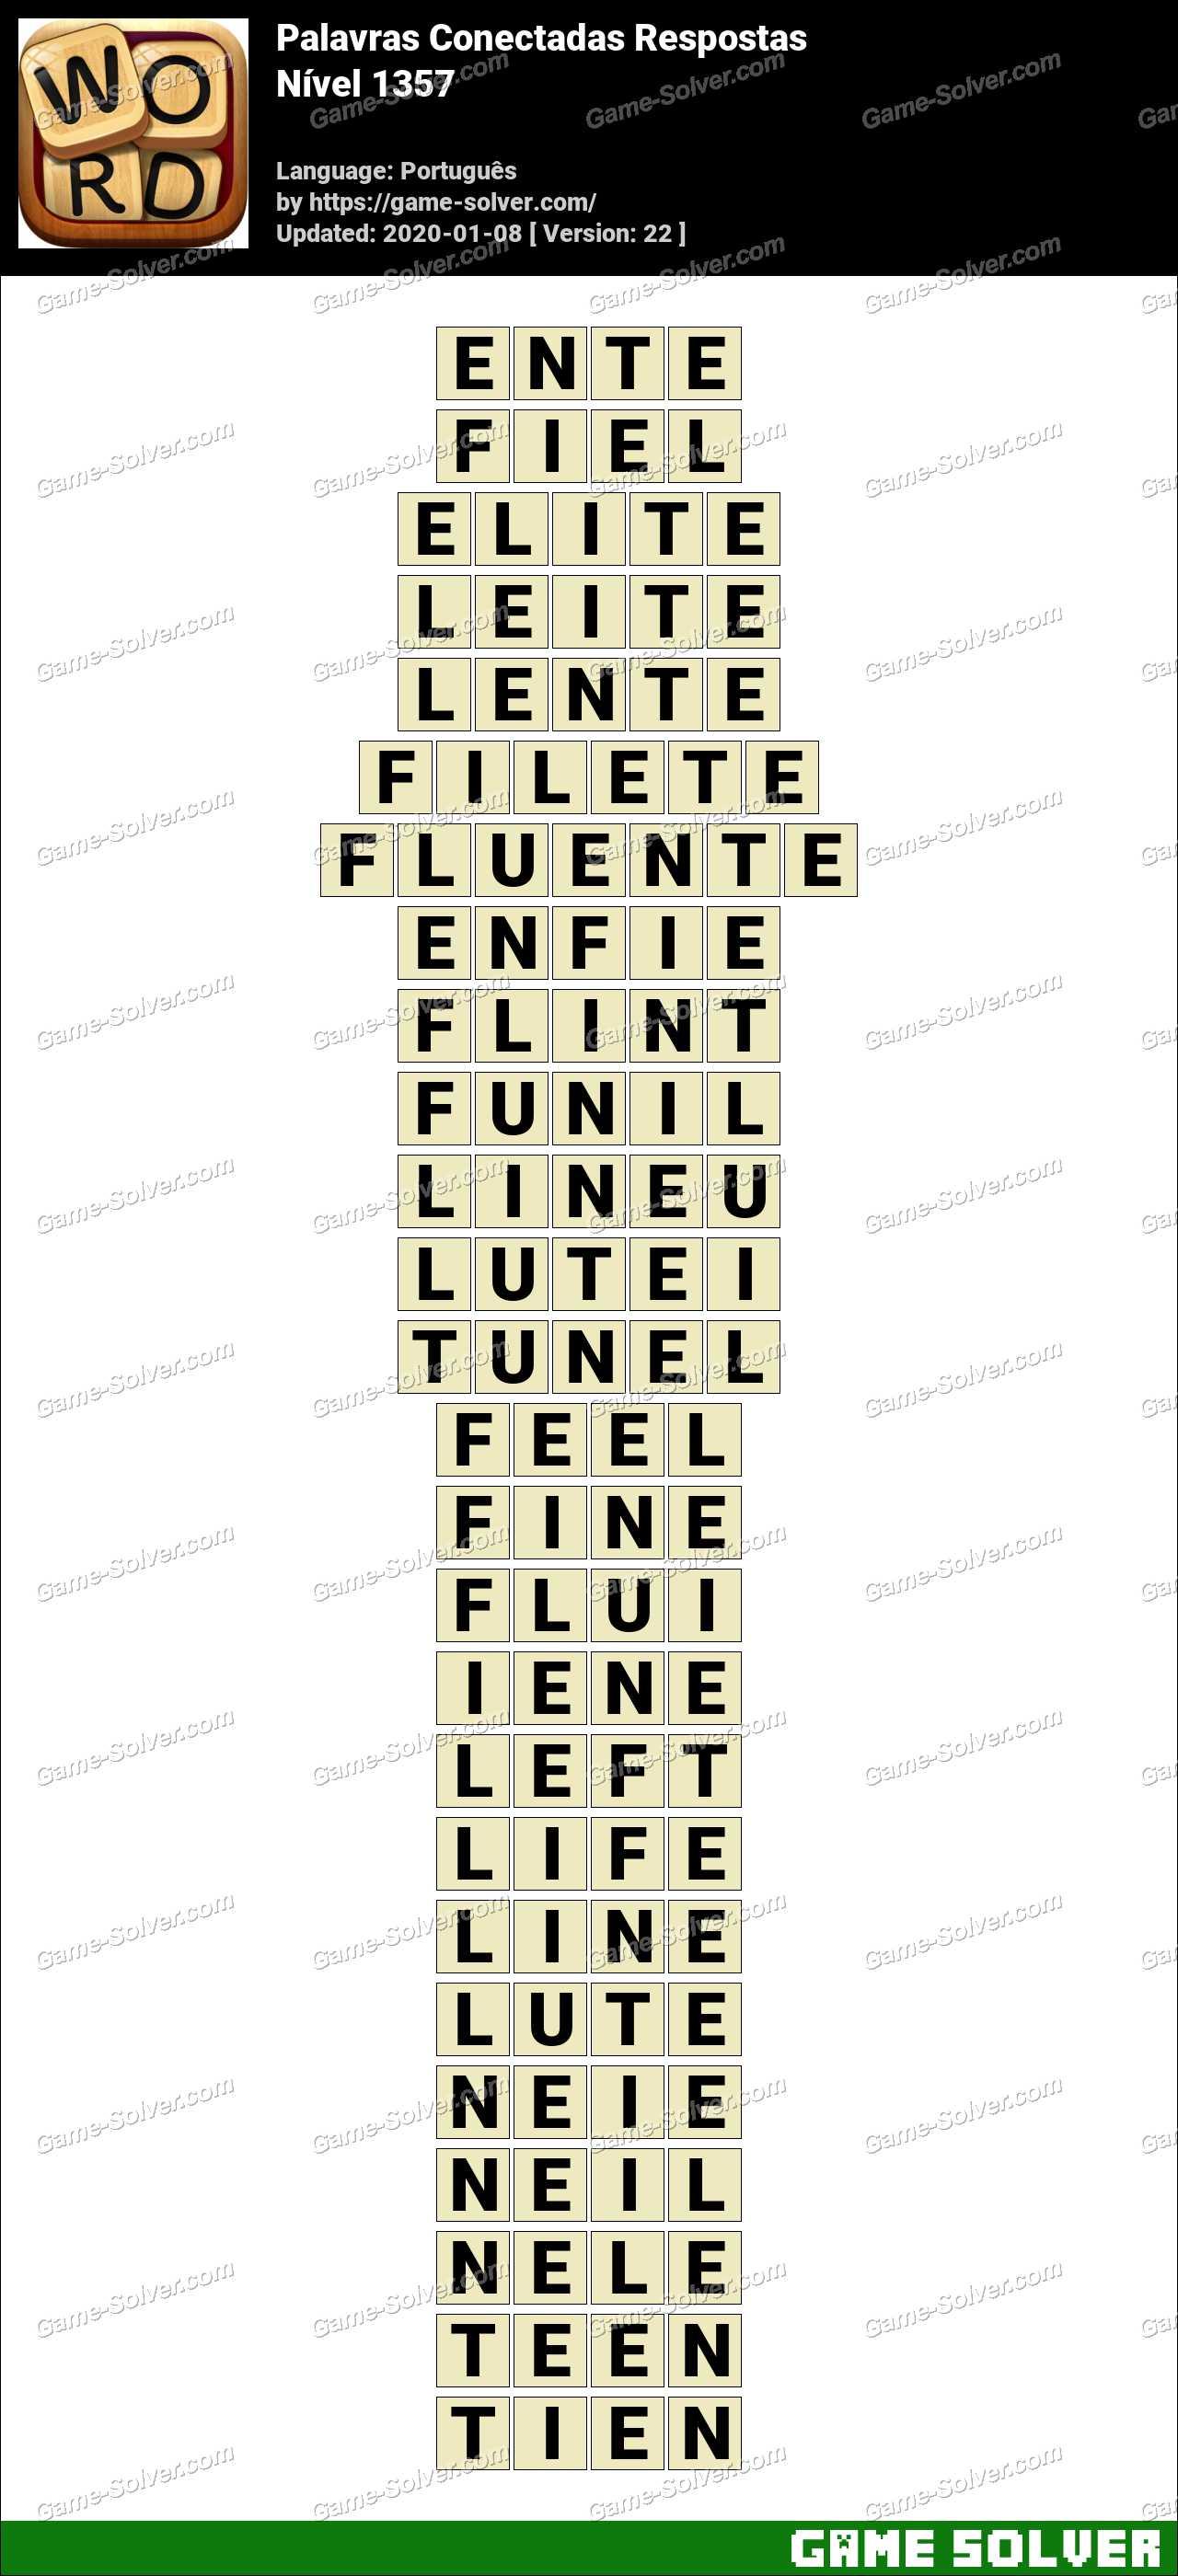 Palavras Conectadas Nivel 1357 Respostas